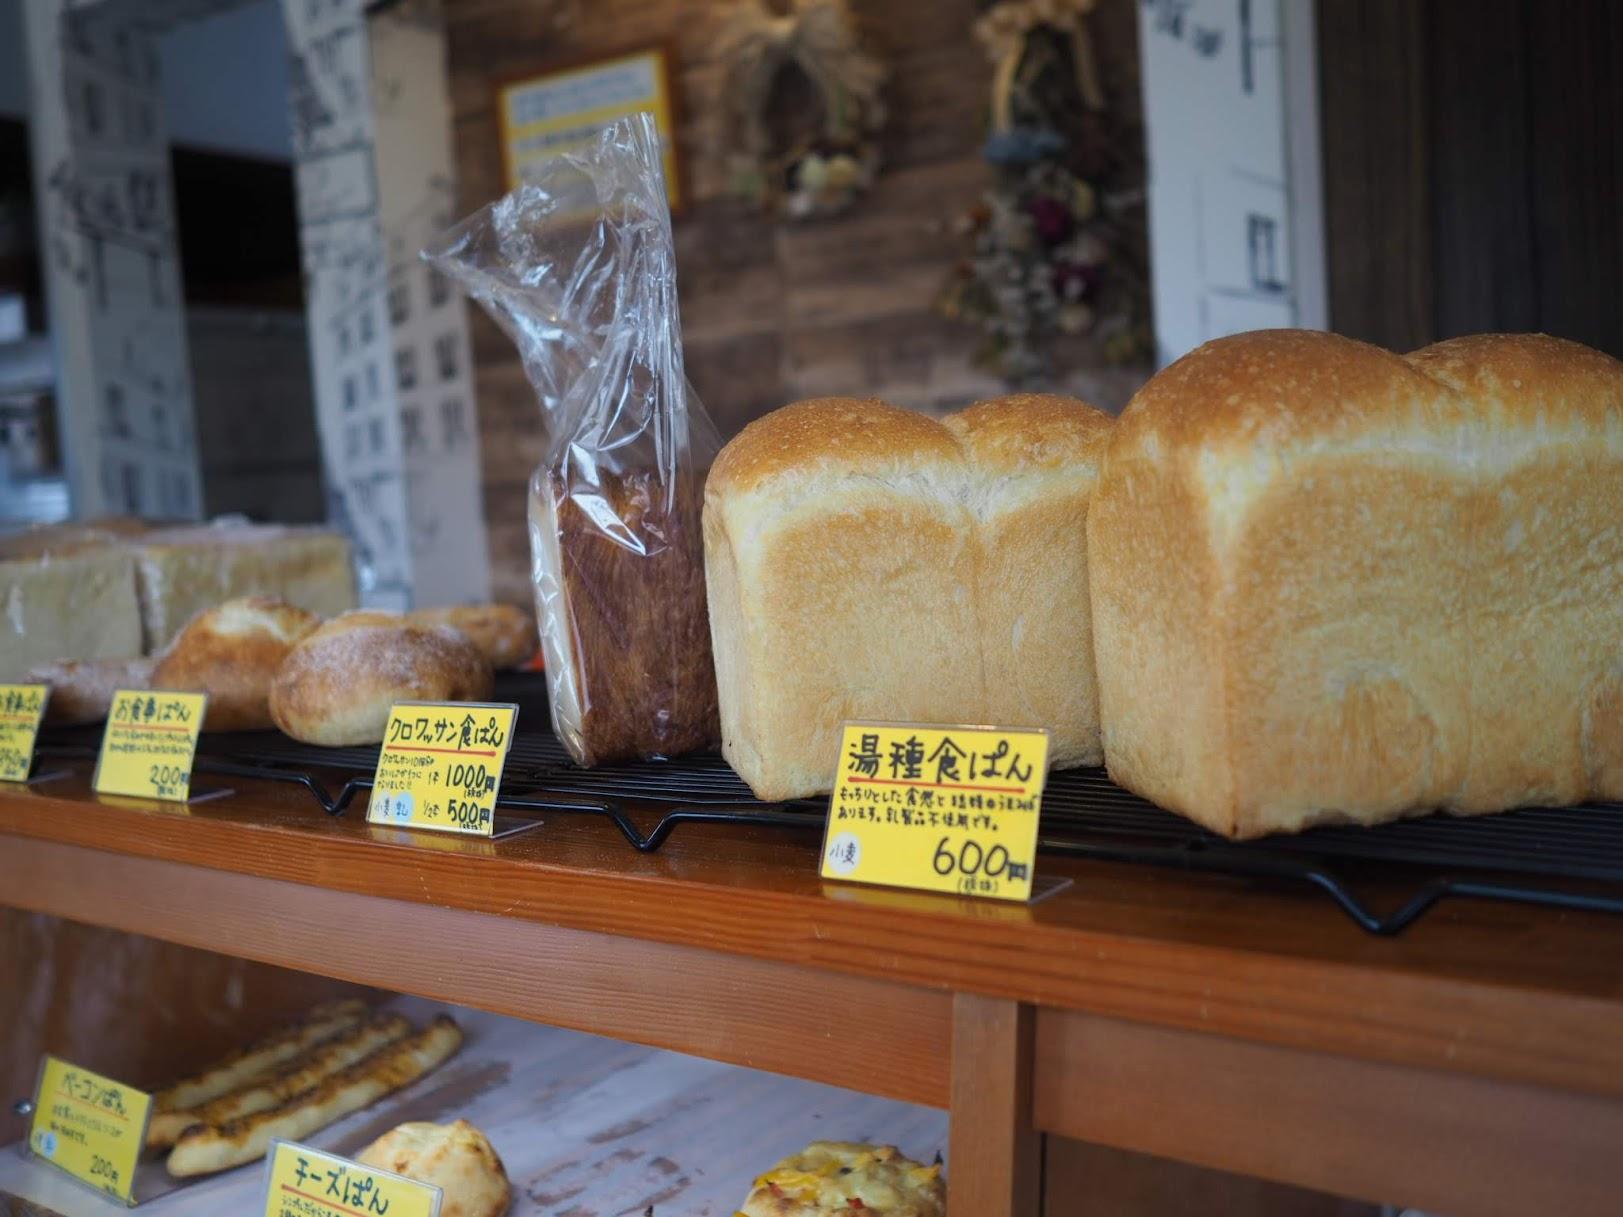 湯種食パンは牛乳不使用